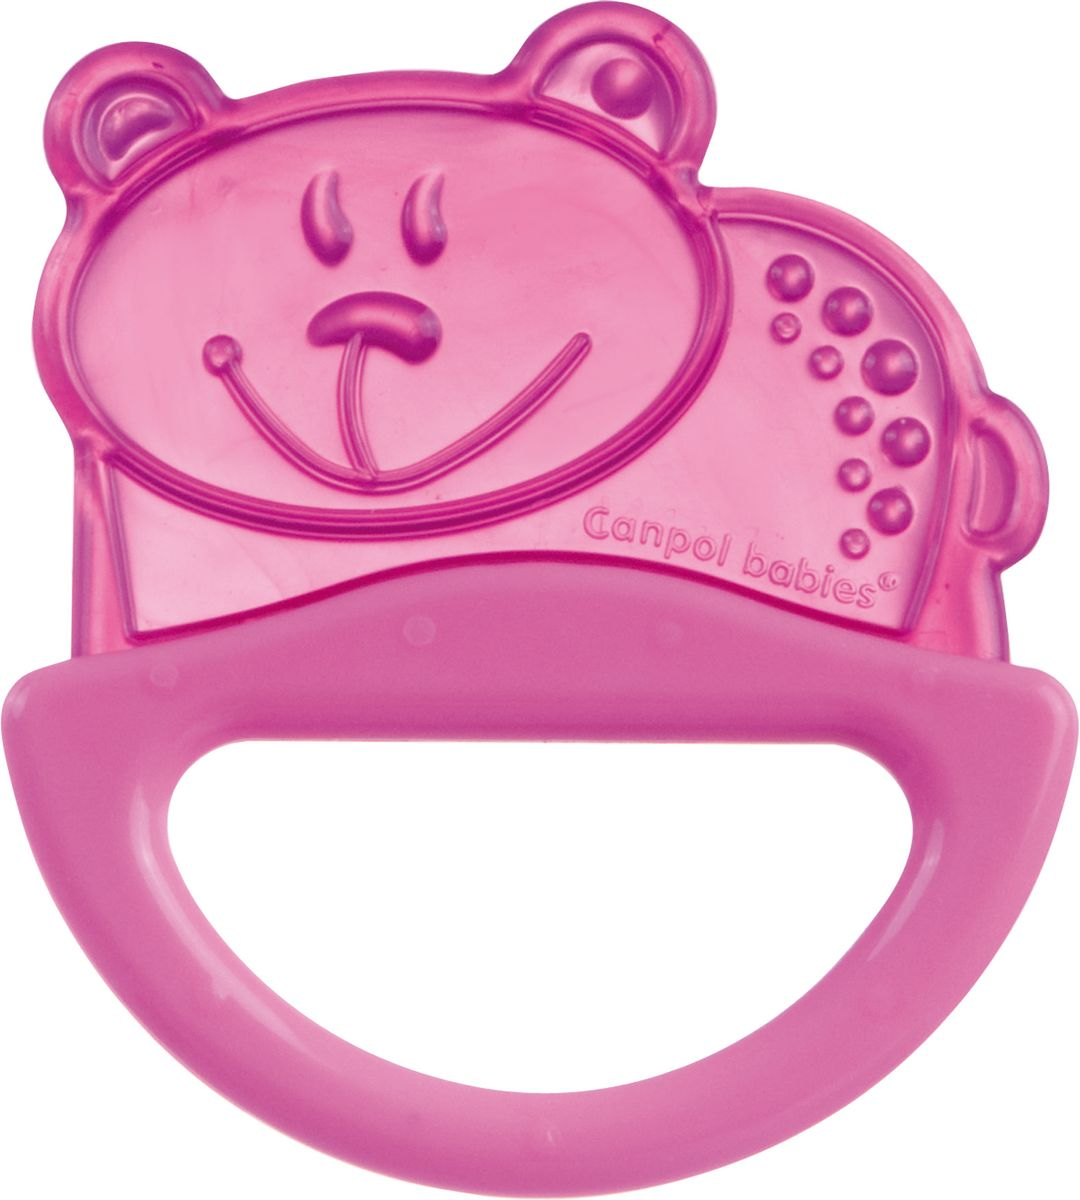 Фото - Canpol Babies Погремушка-прорезыватель Мишка цвет розовый погремушка с эластичным прорезывателем canpol арт 13 107 0 мес цвет голубой форма мишка